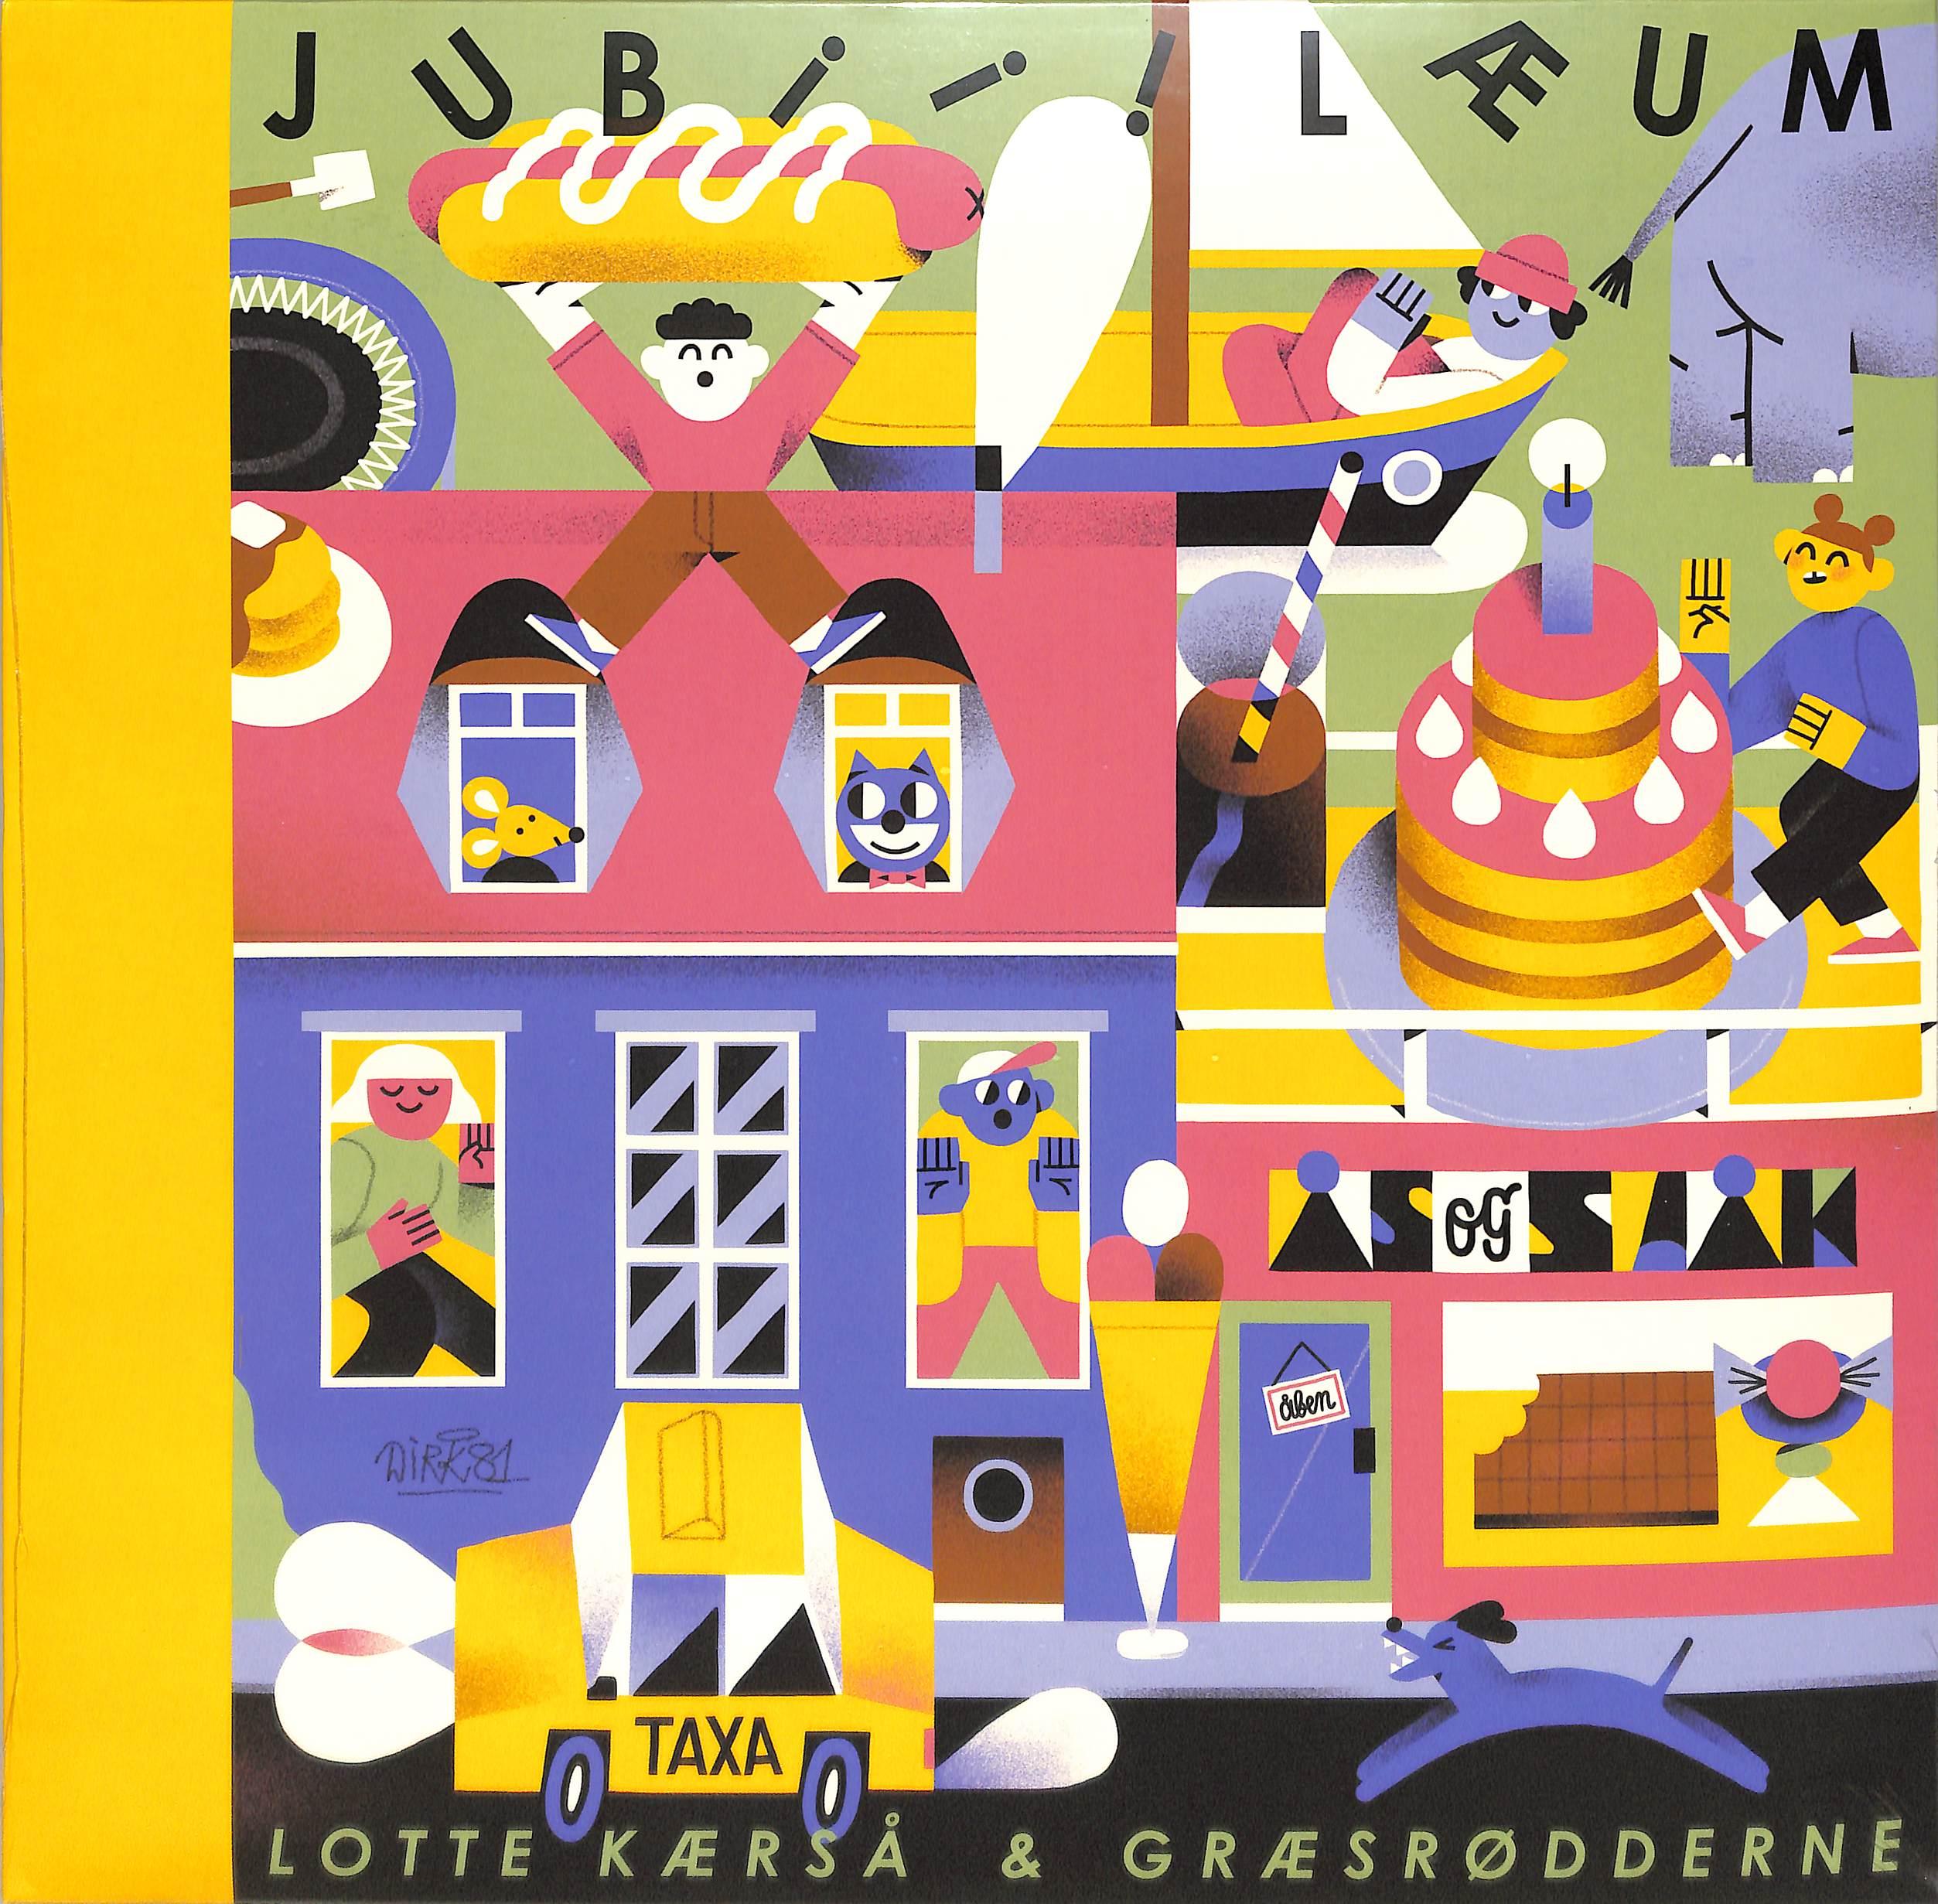 Lotte Kaersa & Graesrodderne - JUBIIILAEUM